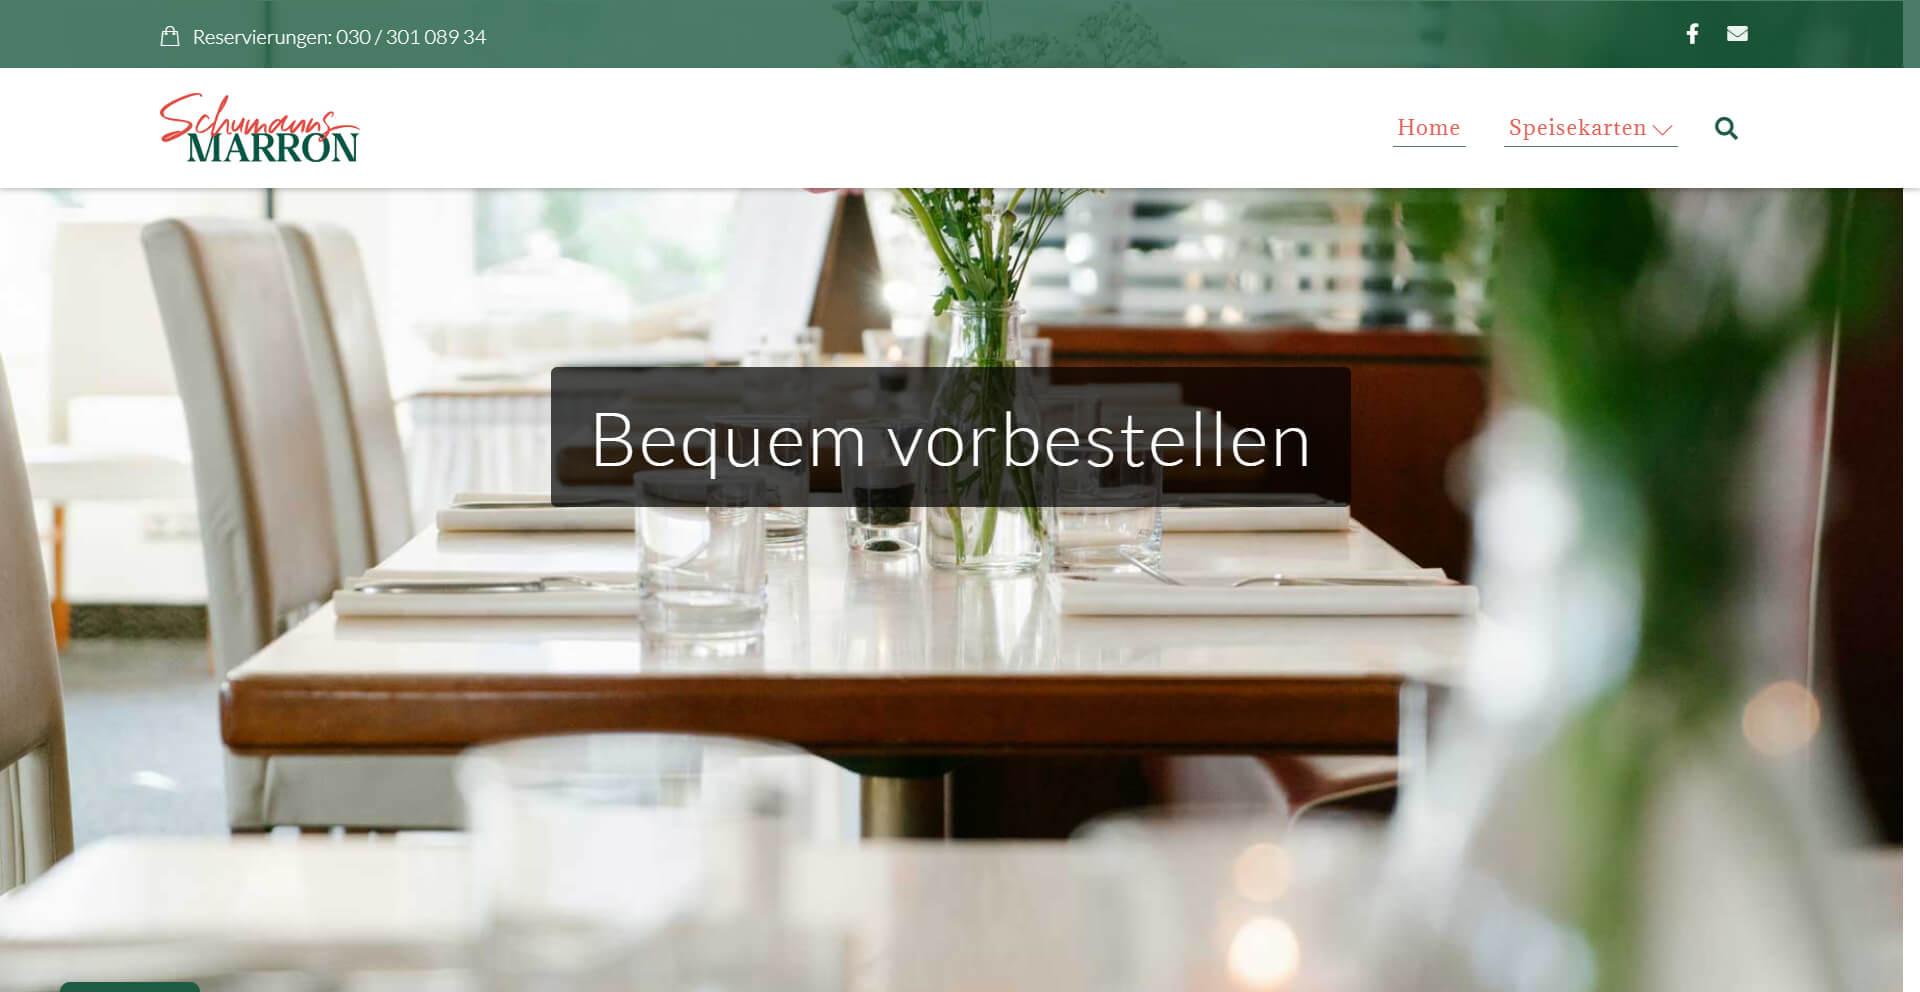 Schumannsmarron - Restaurant